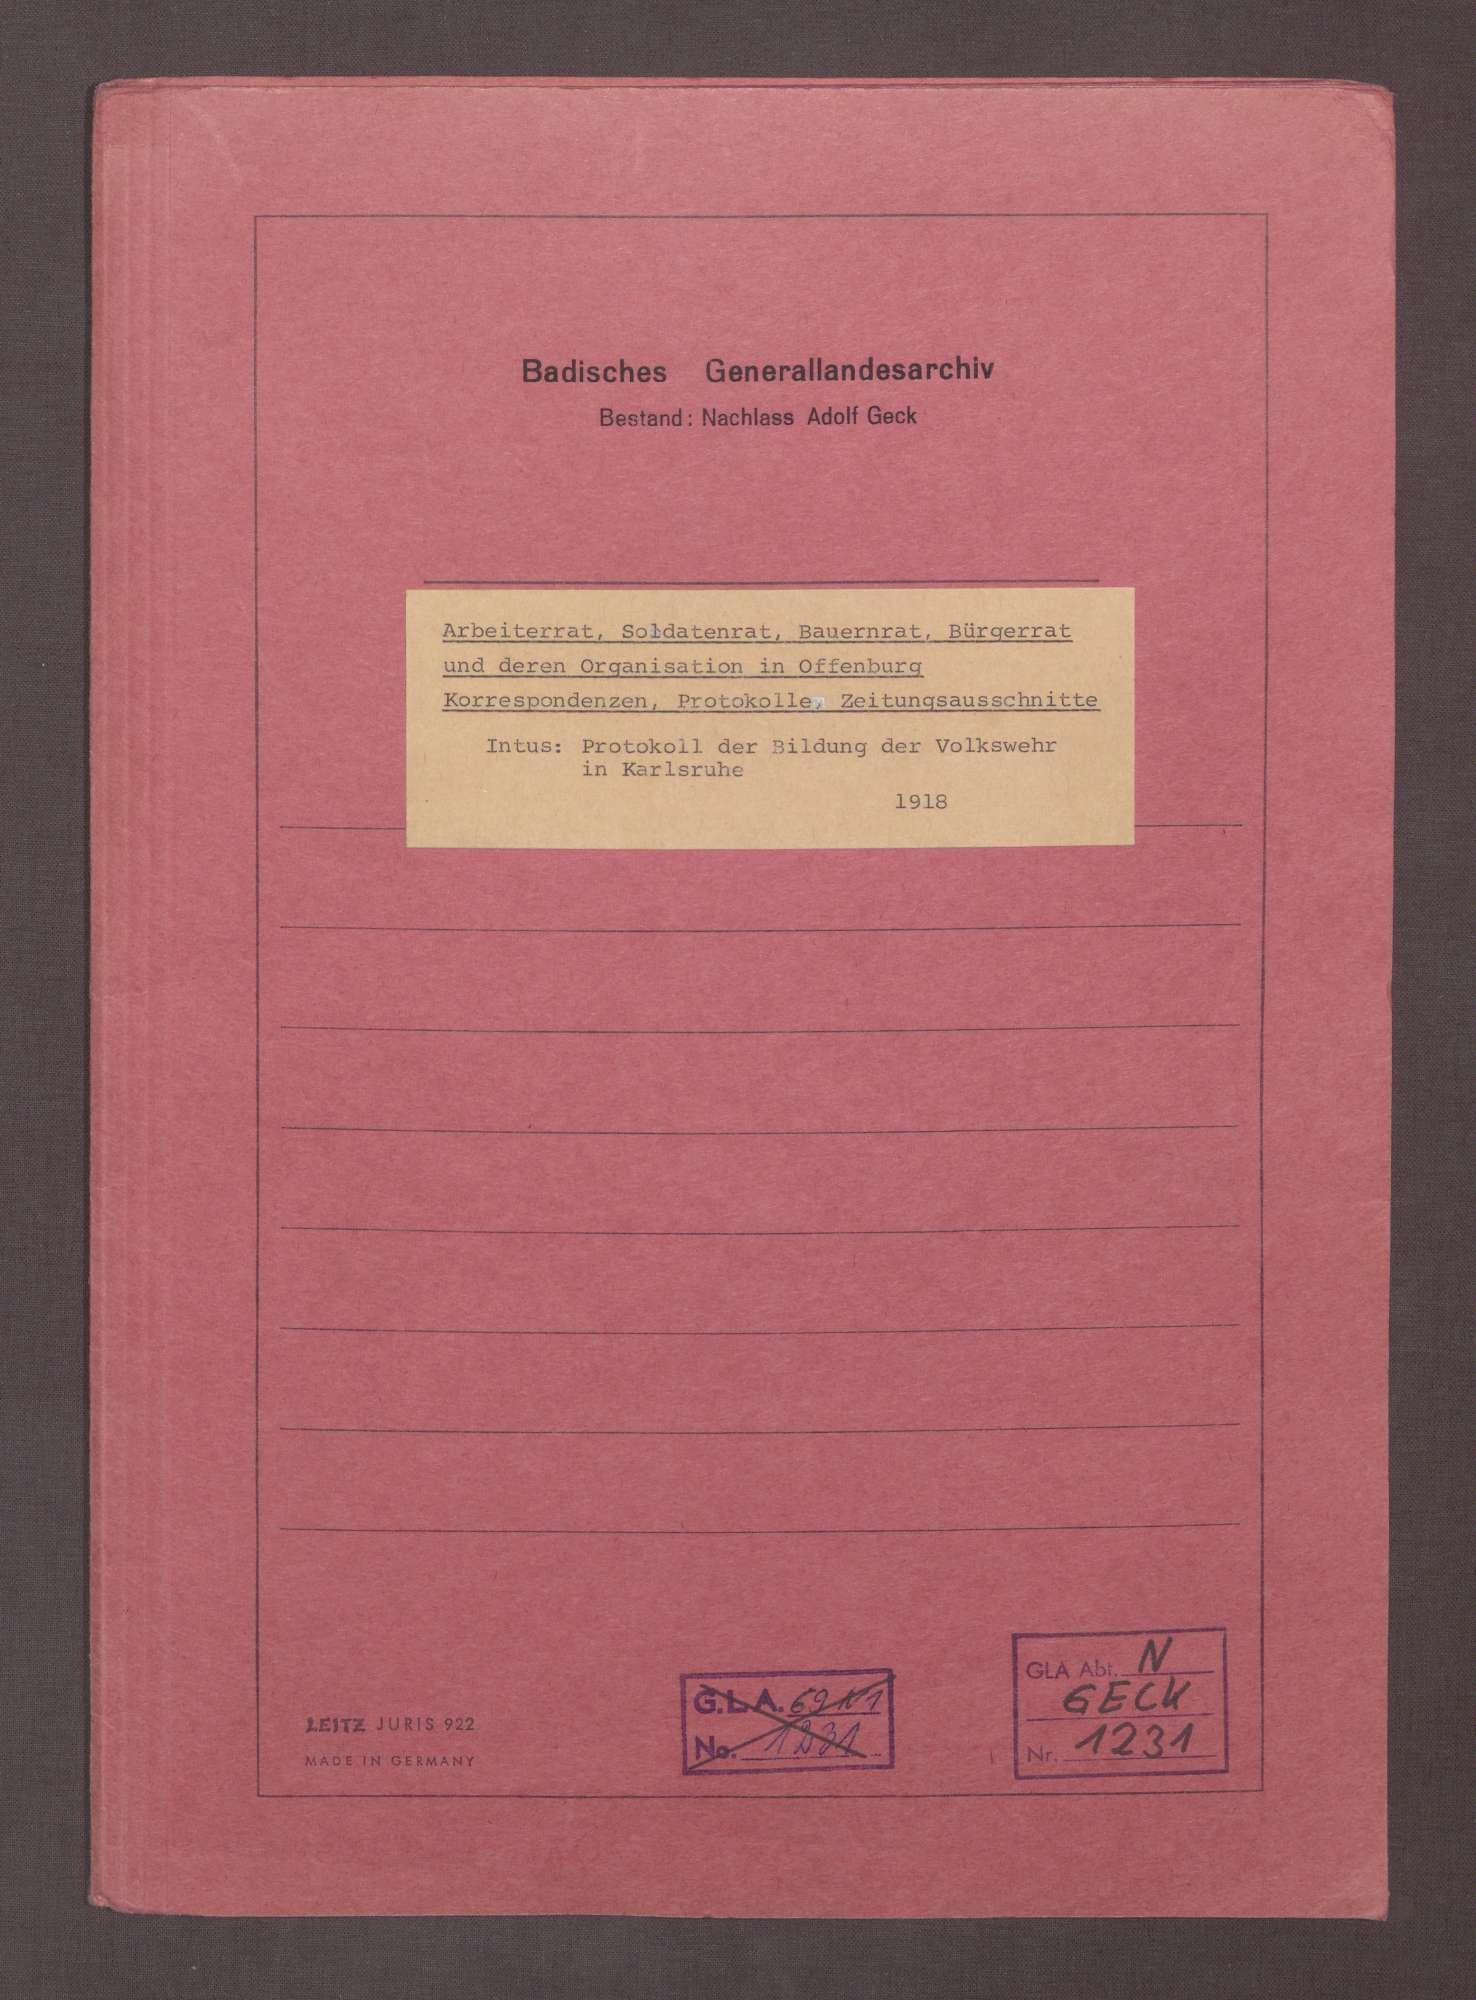 Arbeiter-, Soldaten-, Bauern- und Bürgerrat Offenburg: Korrespondenzen, Protokolle, Zeitungsausschnitte., Bild 1